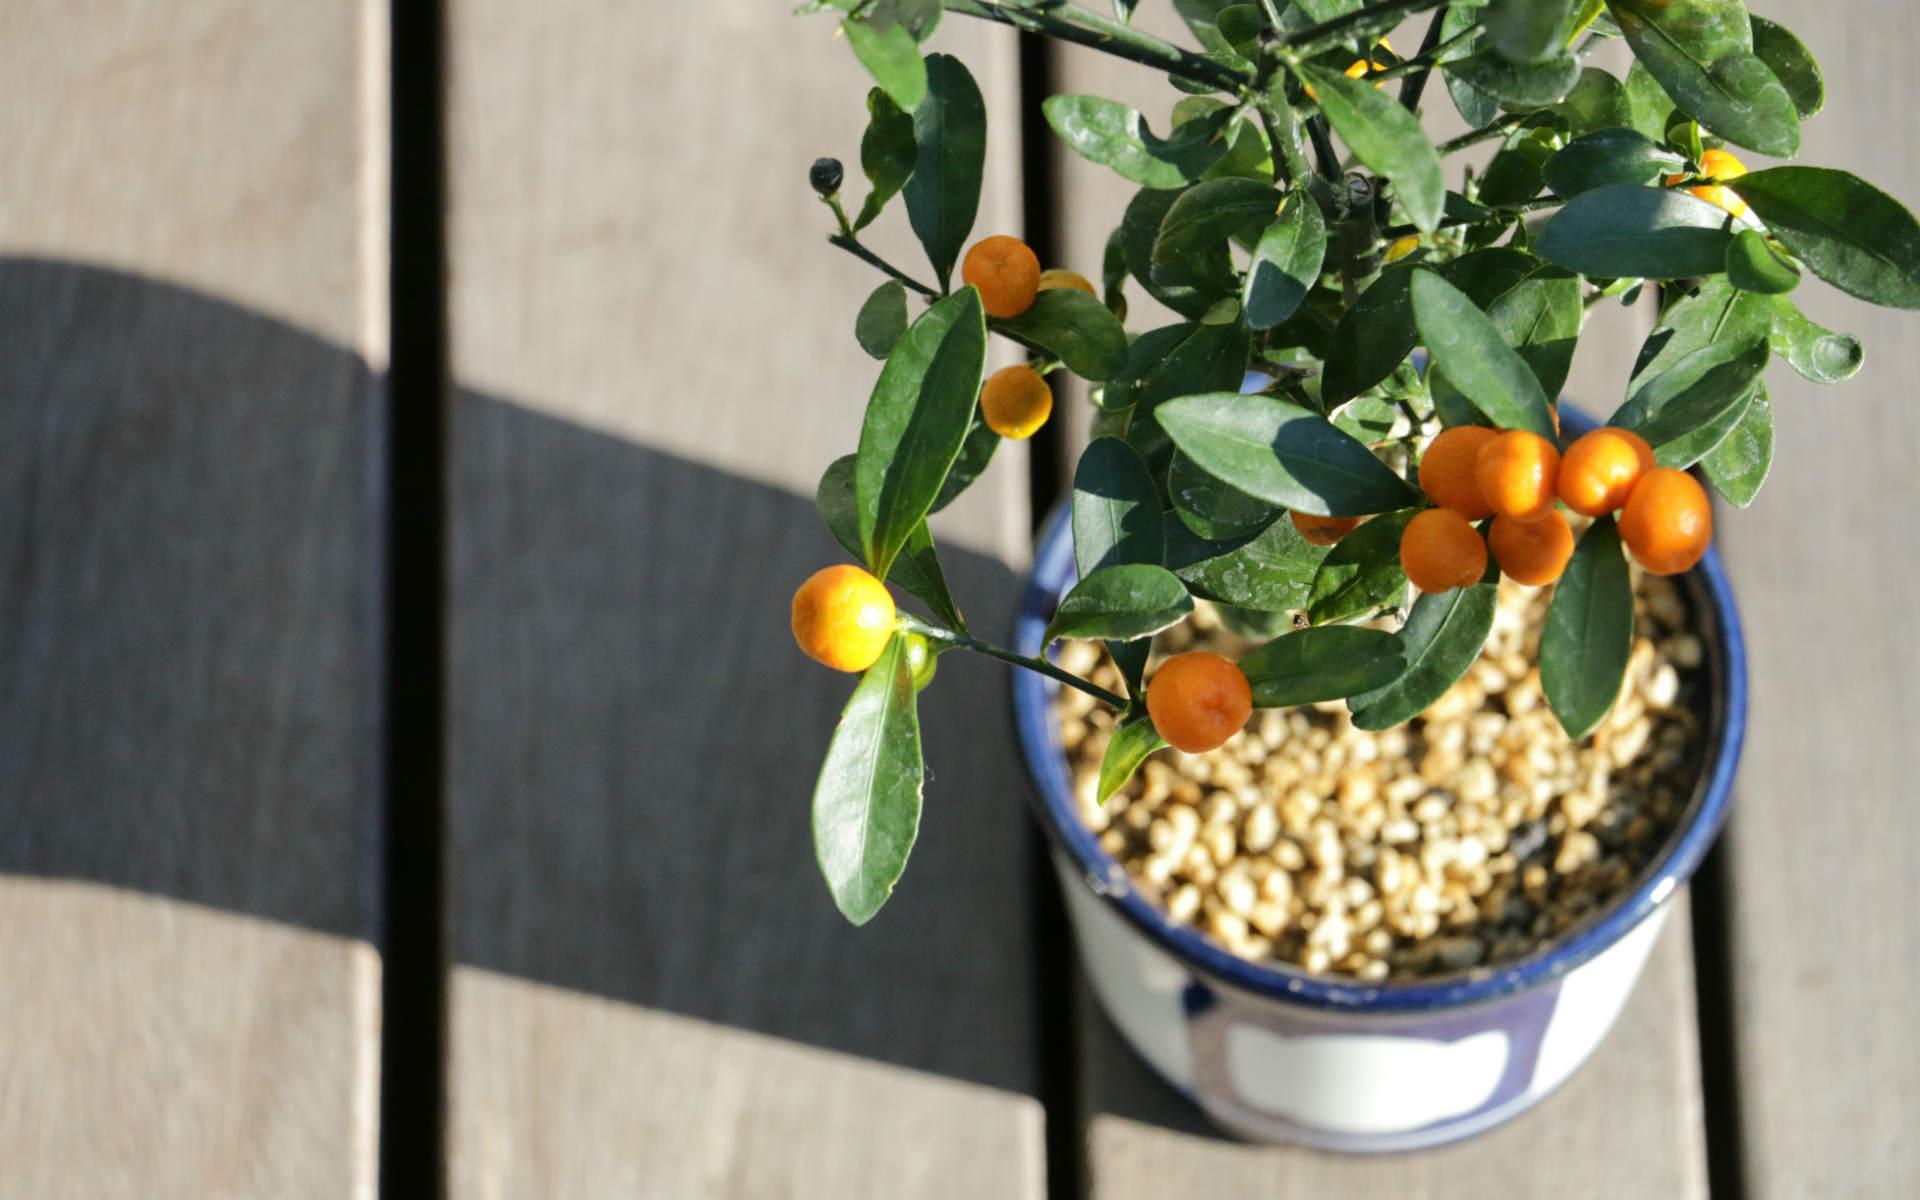 黄金色に輝いて見える?完熟した金豆の実。ちなみに食べられません